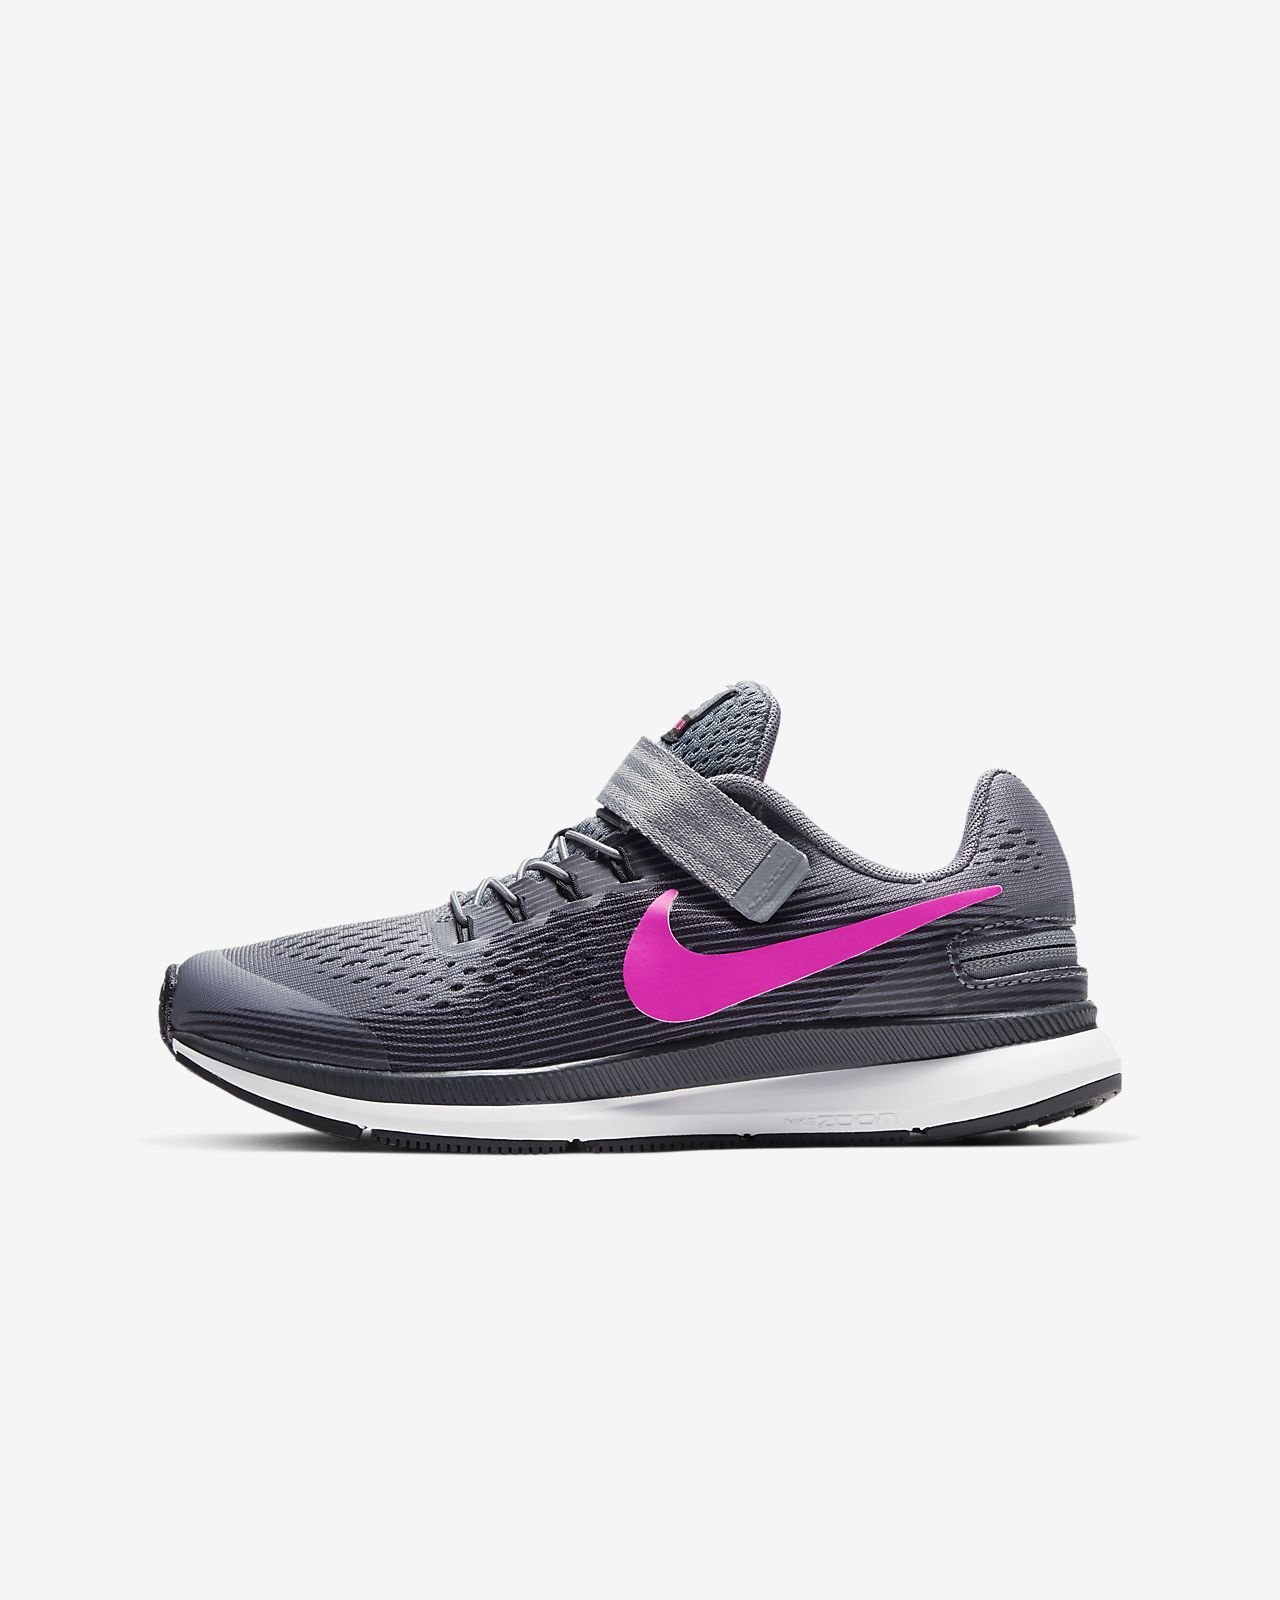 Nike Air Zoom Pegasus 34 FlyEase Zapatillas de running - Niño/a y niño/a pequeño/a